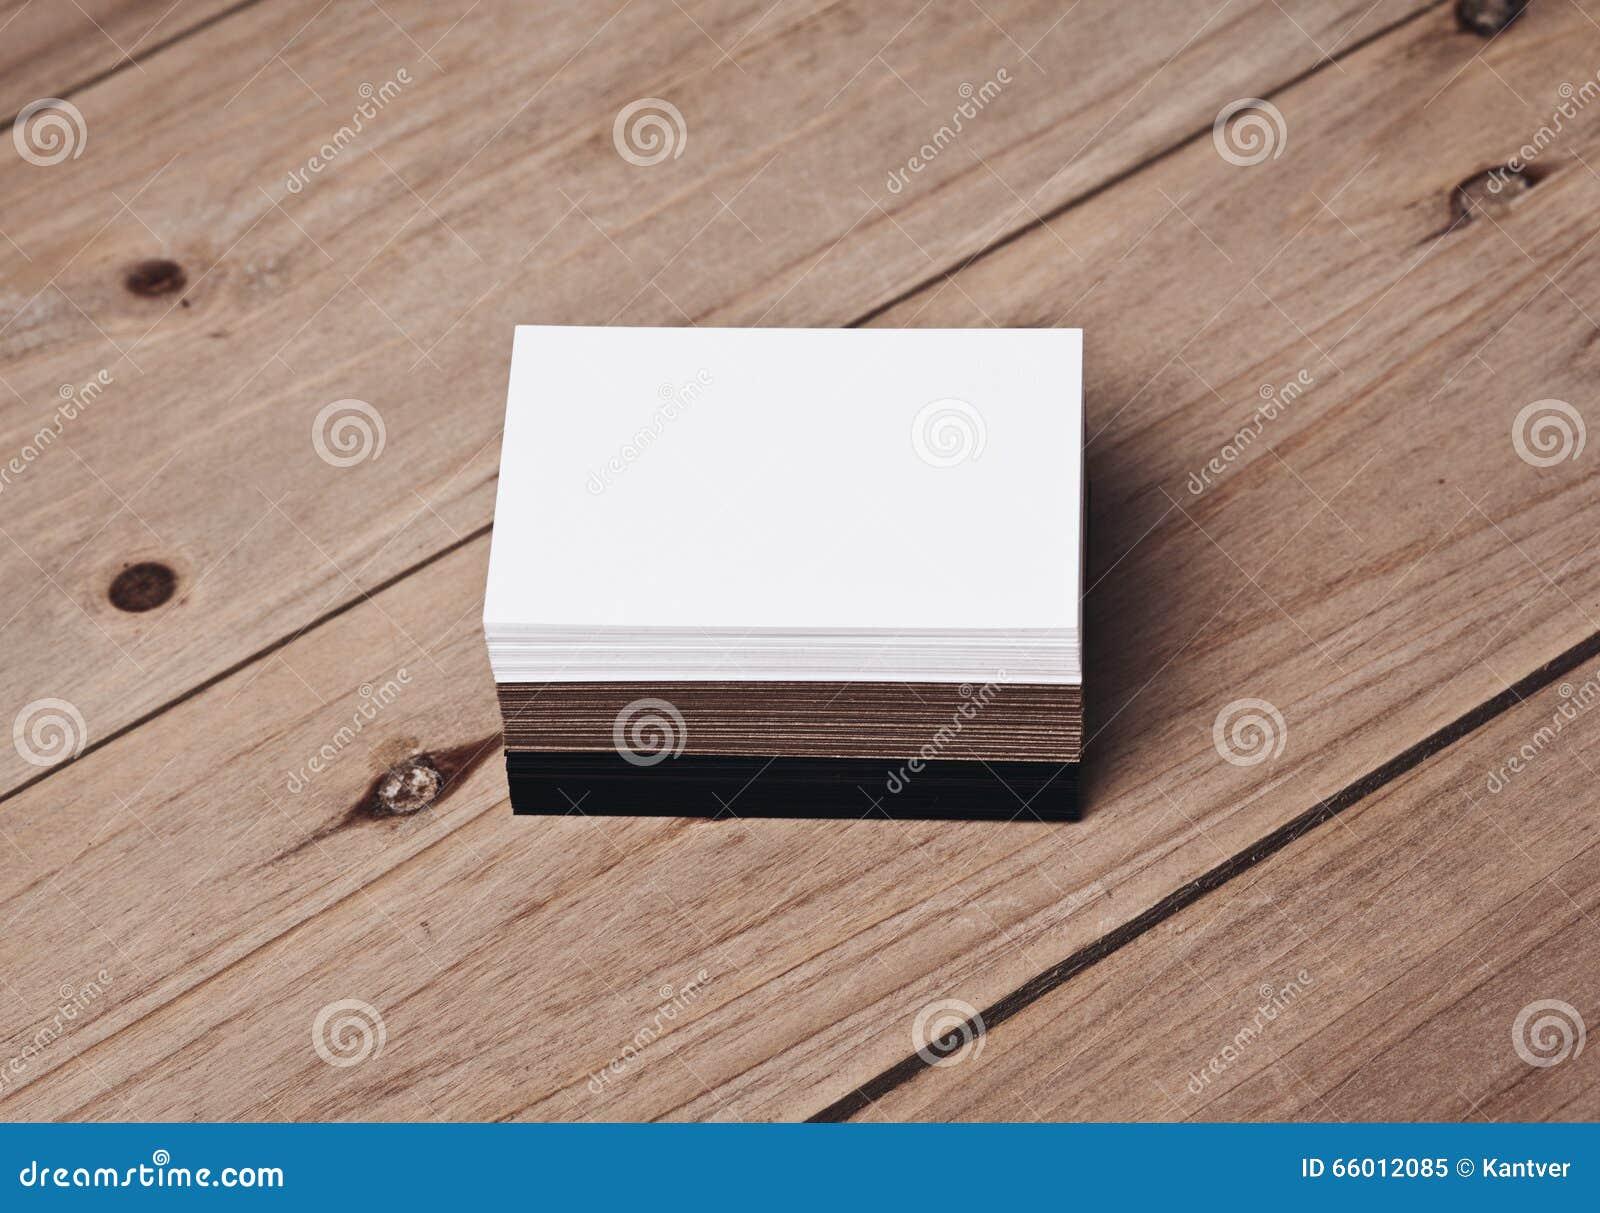 Insieme delle carte bianche, nere e di impresa artigiana sulla tavola di legno